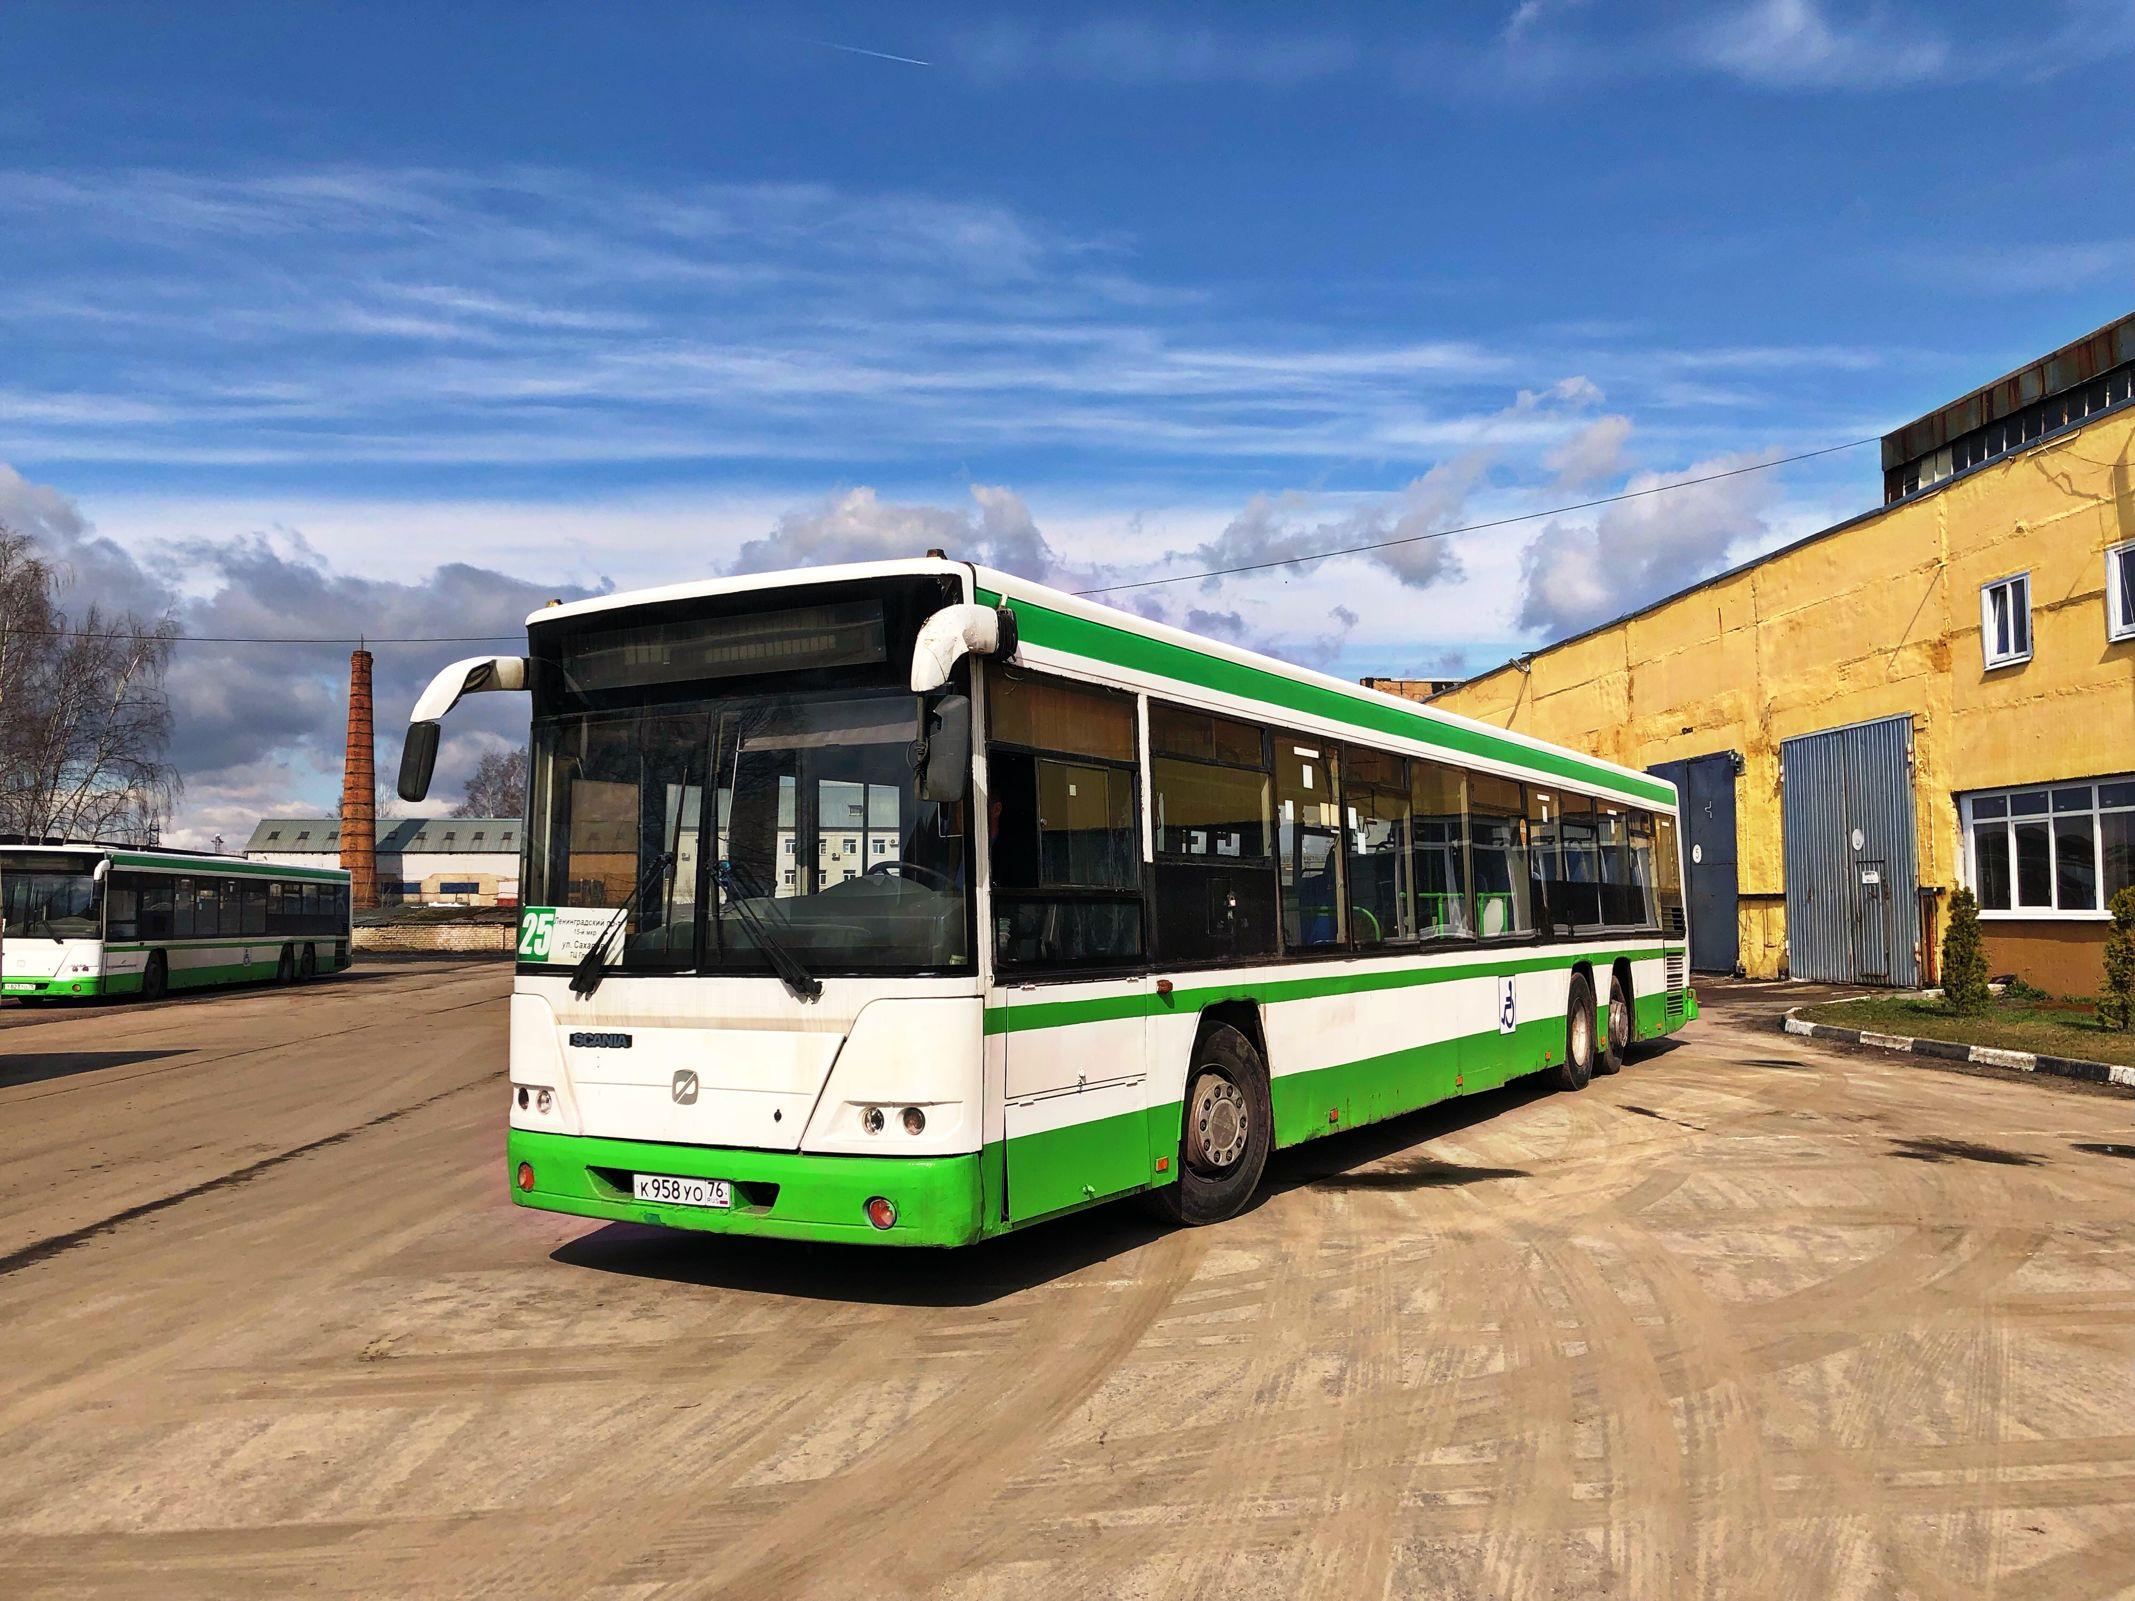 Автобус увеличенной вместимости приступил к работе на маршруте ТЦ «Глобус» – Ленинградский проспект (15-й мкр)